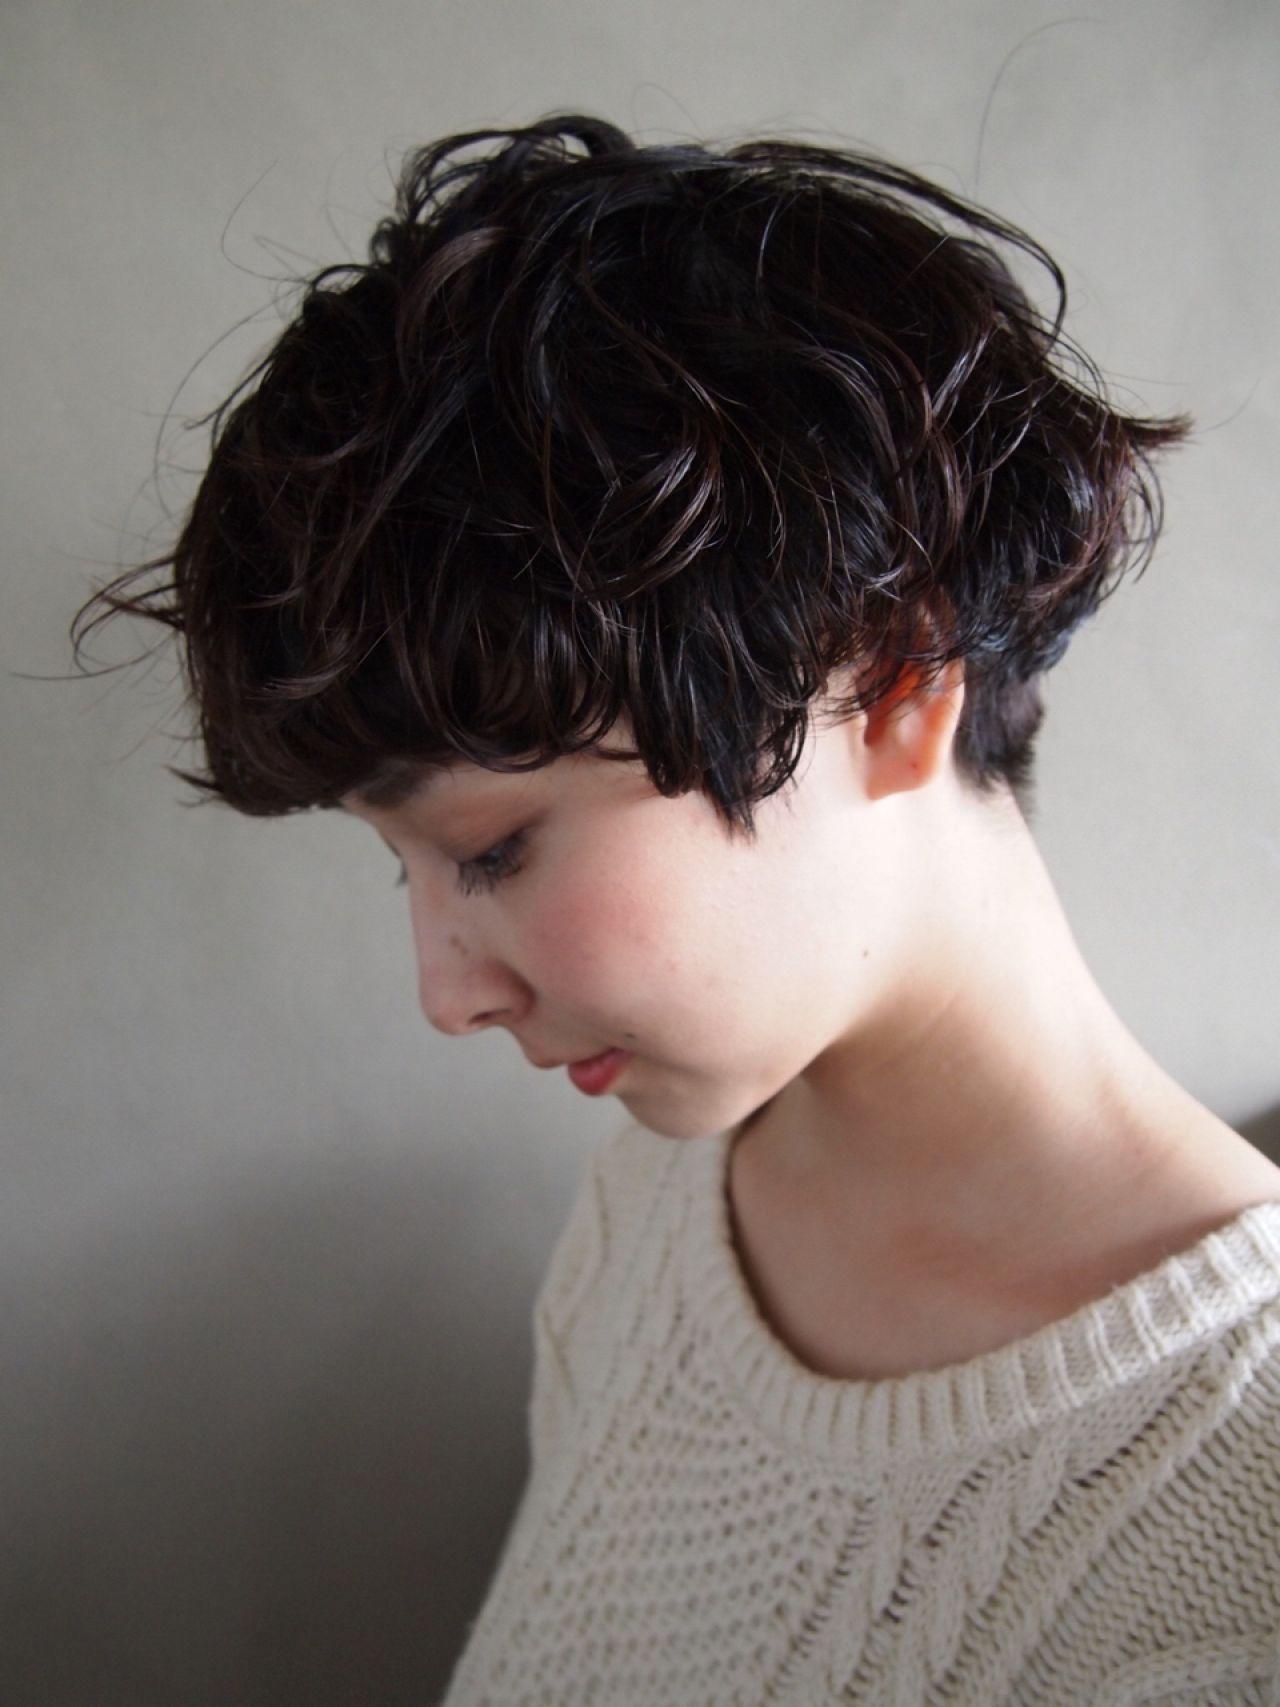 濡れた質感がおしゃれな ウェット ヘアのスタイルまとめ 短い髪の